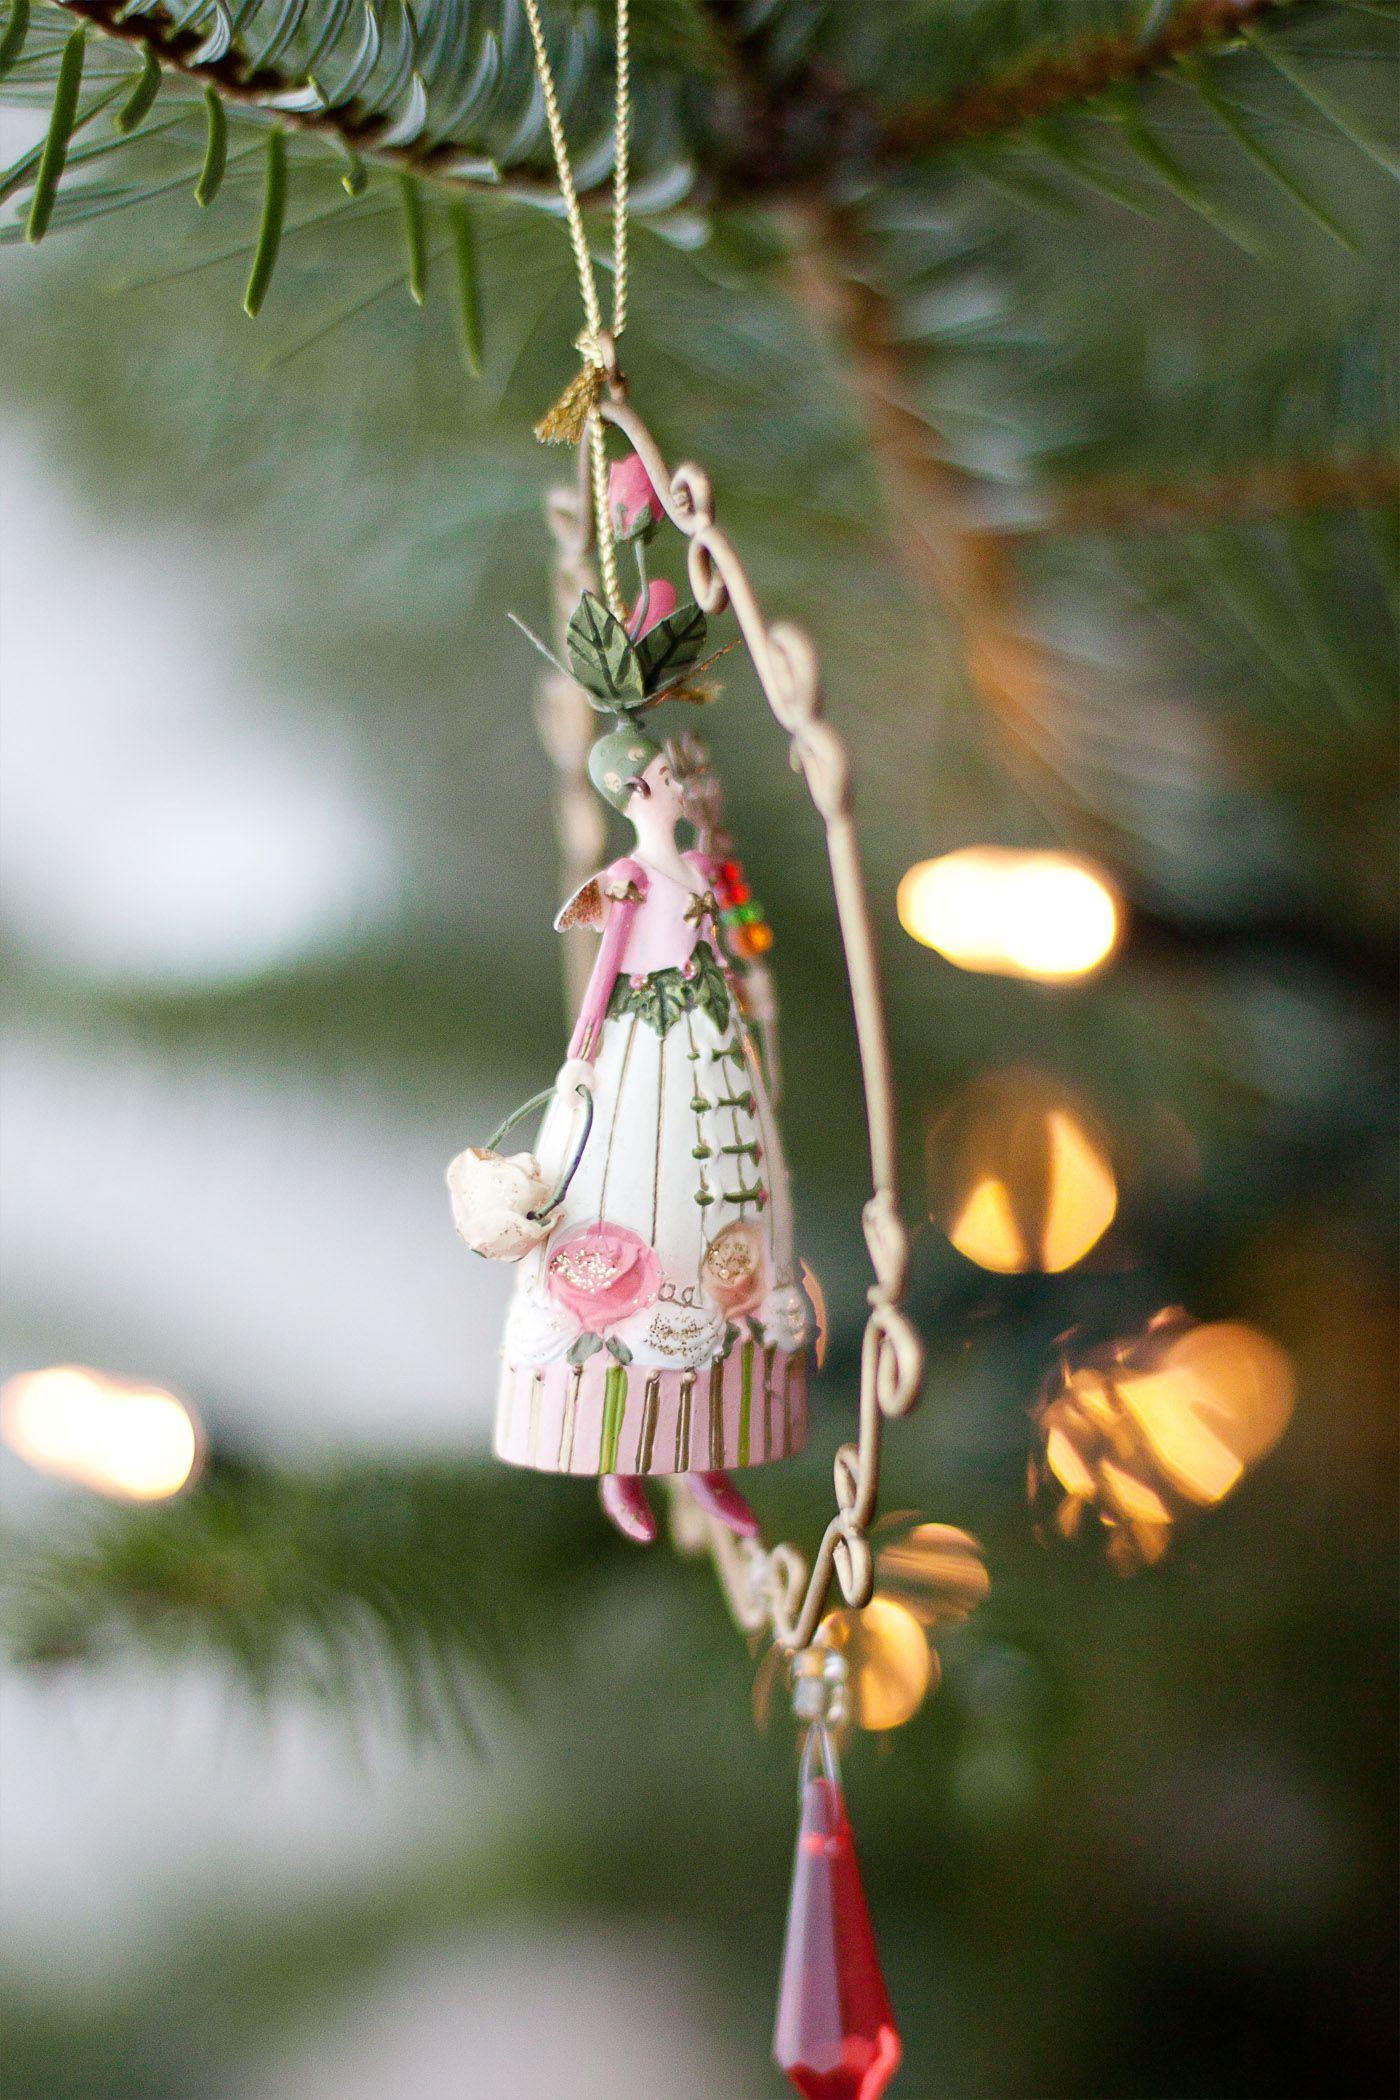 Für Kinder gehört Weihnachten neben dem eigenen Geburtstag wohl zum größten Fest des Jahres. Wenn ich an früher zurück denke, verspüre auch ich wieder einen Hauch dieser Begeisterung, mit welcher dem Fest damals entgegengefiebert wurde: All die kleinen Rituale wie das gemeinsame Singen und das Schmücken des Weihnachtsbaumes sind mir fest in Erinnerung geblieben. Diese Liebe zur weihnachtlichen Tradition möchte ich auch meinen Kindern weitergeben und so haben wir inzwischen unsere ganz…